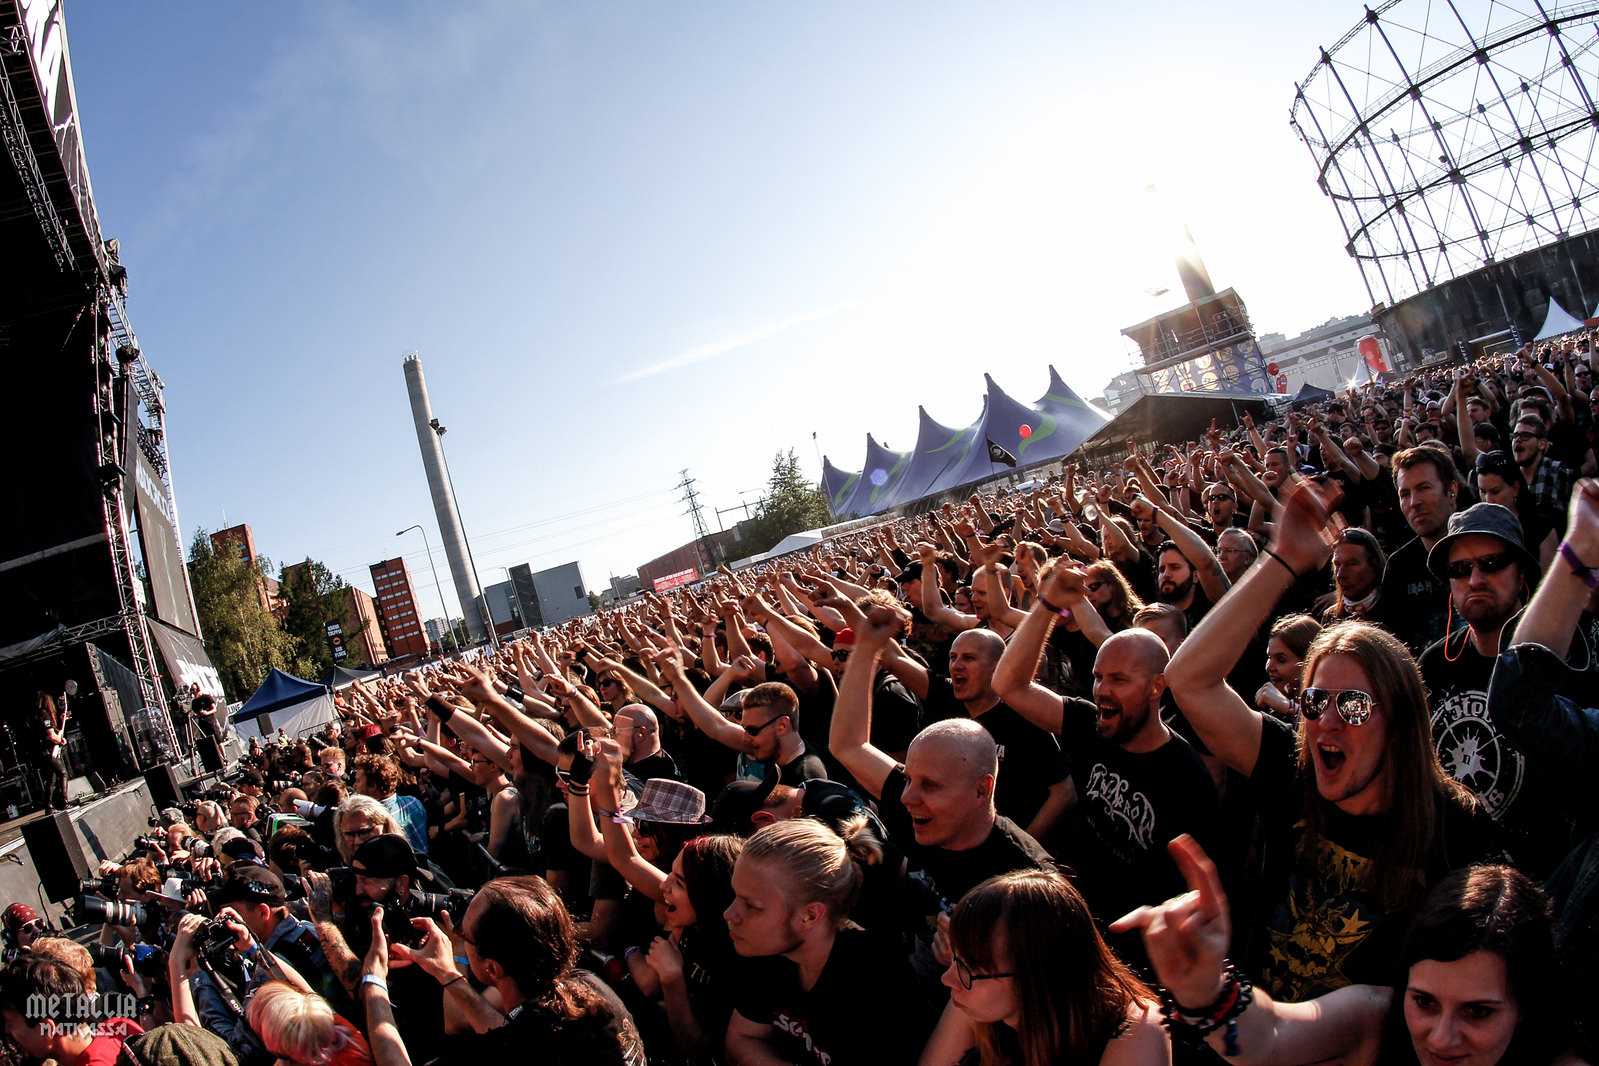 tuska open air metal festival, tuska festival, tuska, hellsinki, hellsinki for headbangers, tuska 2016